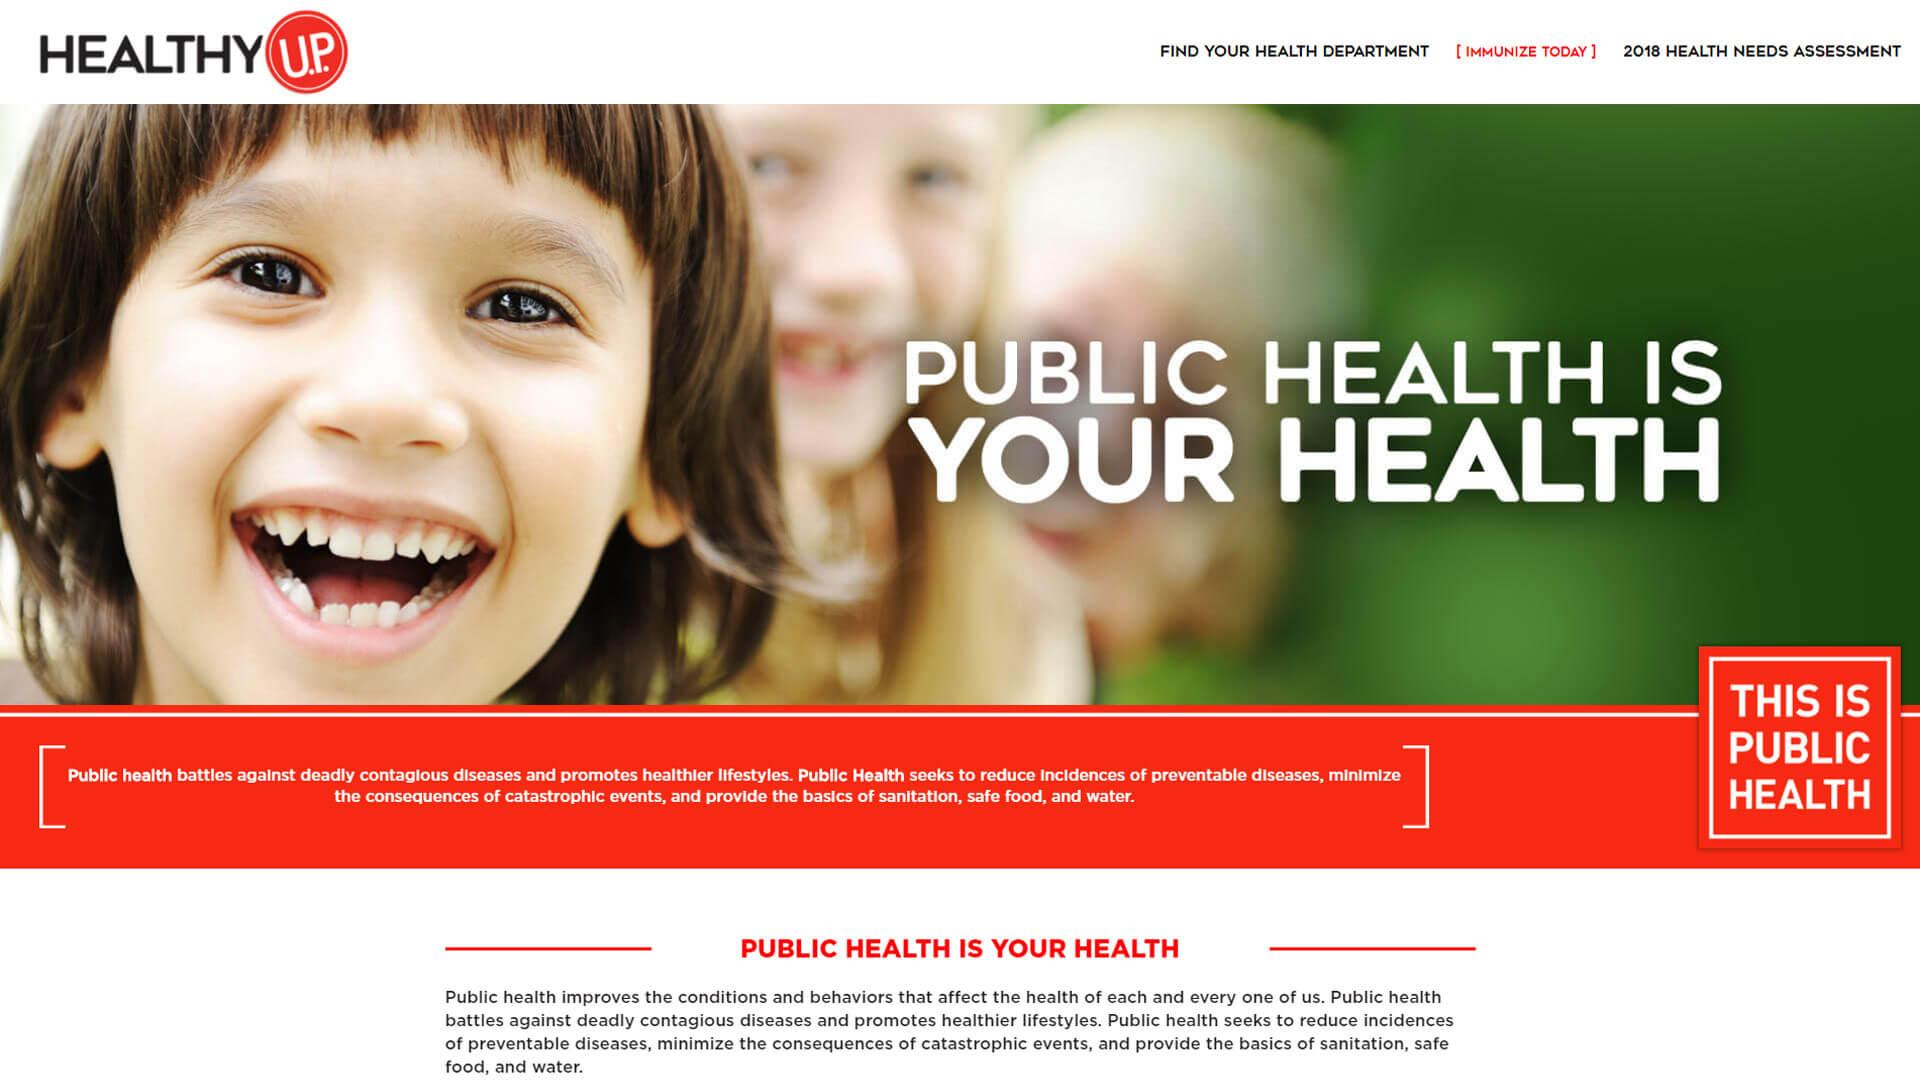 healthy-up-mi